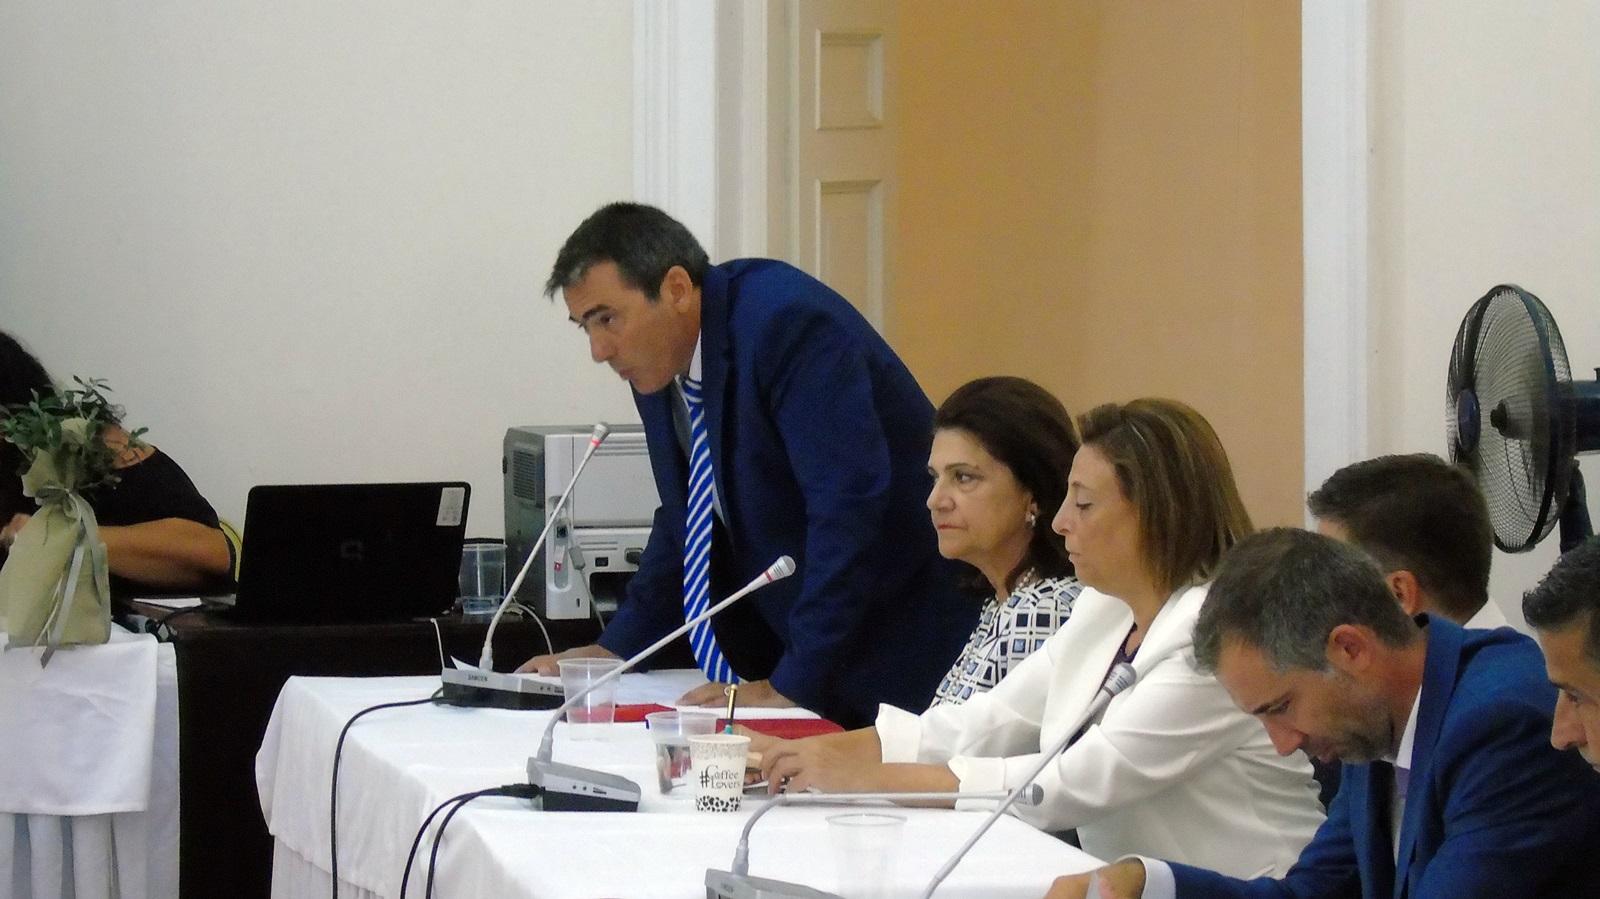 Πρώτη (ειδική) συνεδρίαση του Περιφερειακού Συμβουλίου Ιονίων Νήσων